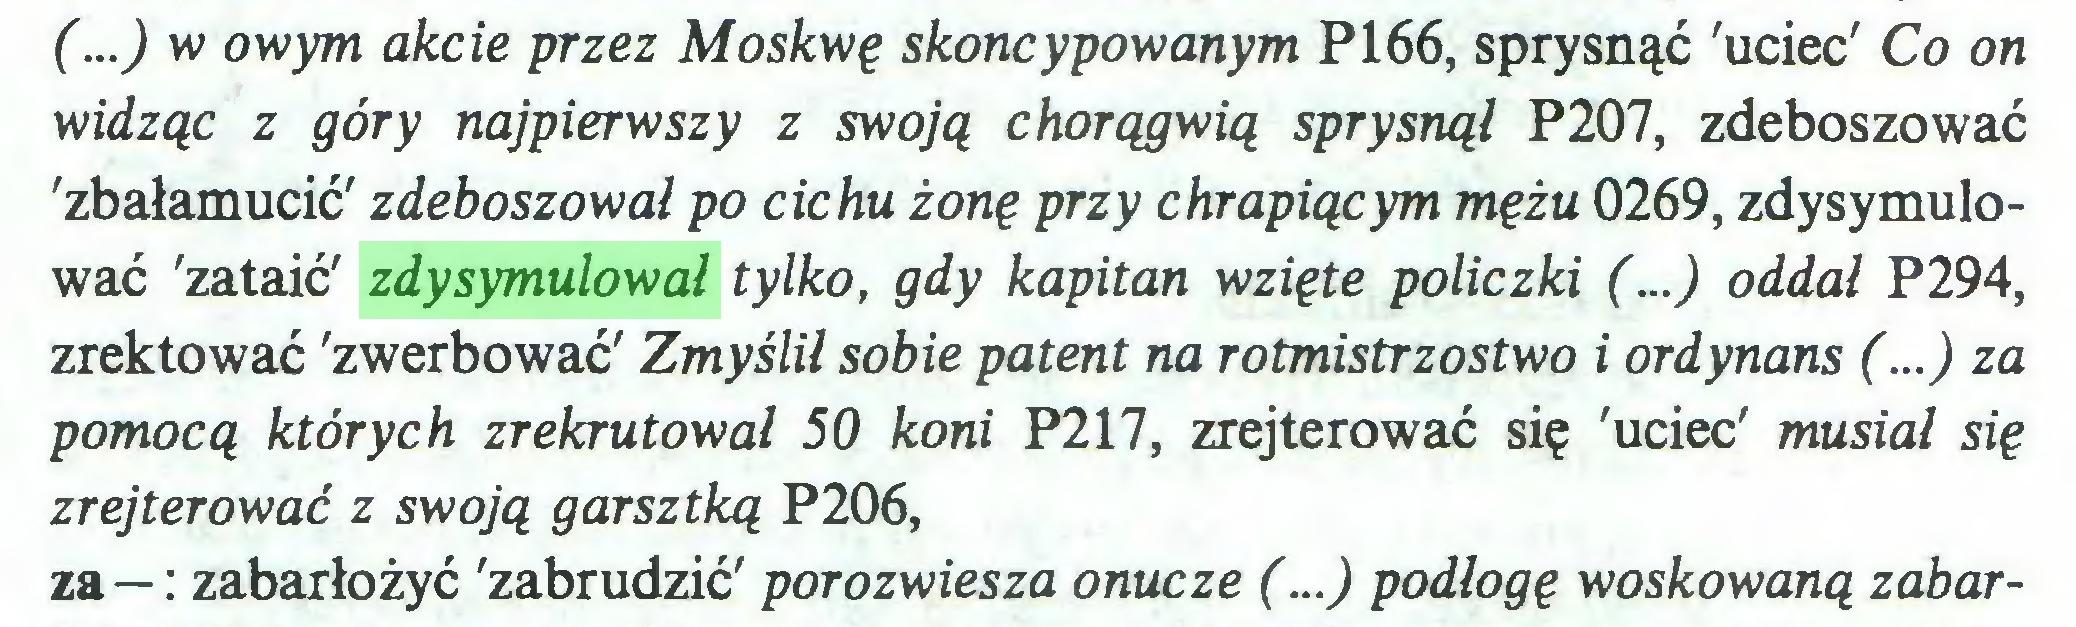 (...) (...) w owym akcie przez Moskwę skoncypowanym P166, sprysnąć 'uciec' Co on widząc z góry najpierwszy z swoją chorągwią sprysnął P207, zdeboszować 'zbałamucić' zdeboszował po cichu żonę przy chrapiącym mężu 0269, zdysymulować 'zataić' zdysymulował tylko, gdy kapitan wzięte policzki (...) oddał P294, zrektować 'zwerbować' Zmyślił sobie patent na rotmistrzostwo i ordynans (...) za pomocą których zrekrutował 50 koni P217, zrejterować się 'uciec' musiał się zrejterować z swoją garsztką P206, za — : zabarłożyć 'zabrudzić' porozwiesza onucze (...) podłogę woskowaną zabar...